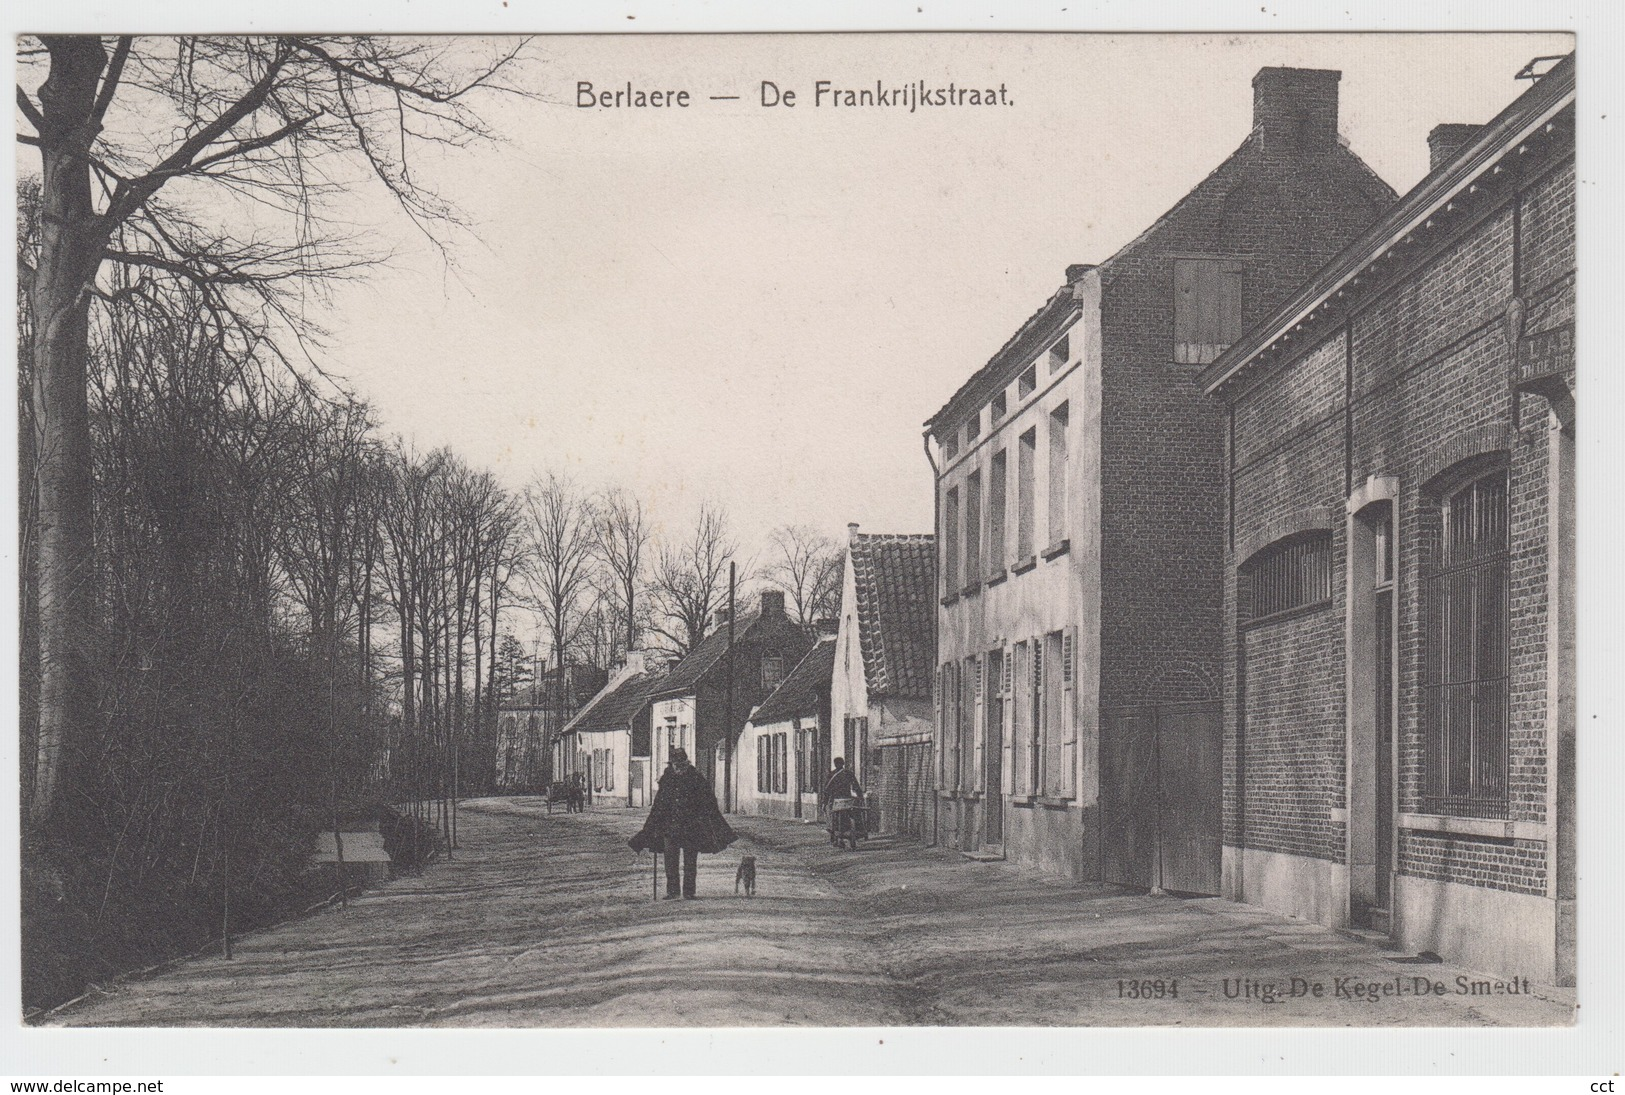 Berlaere  Berlare  De Frankrijkstraat - Berlare